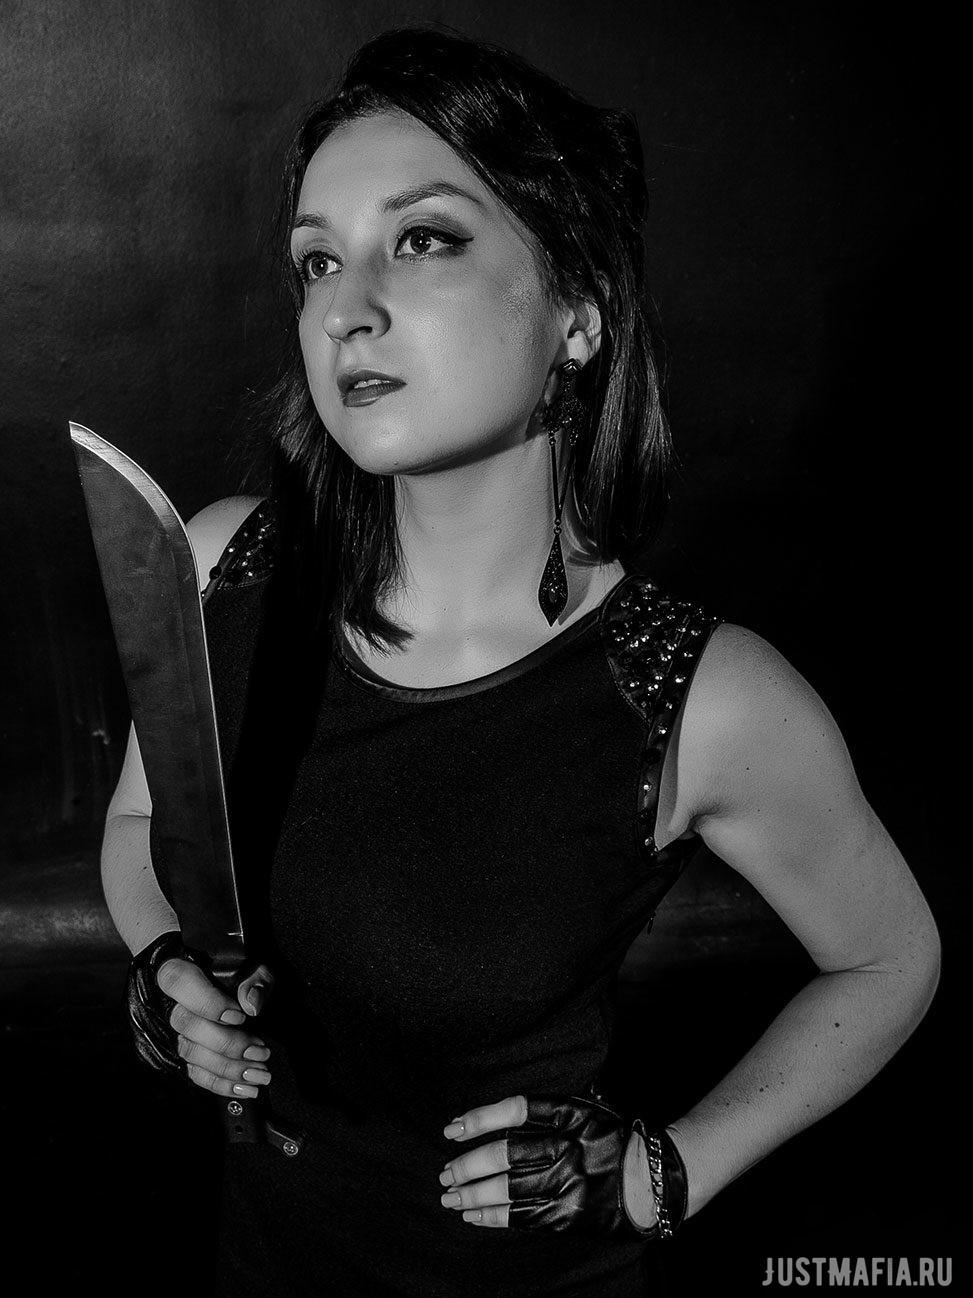 Ведущий Мафии Анастасия с мачете